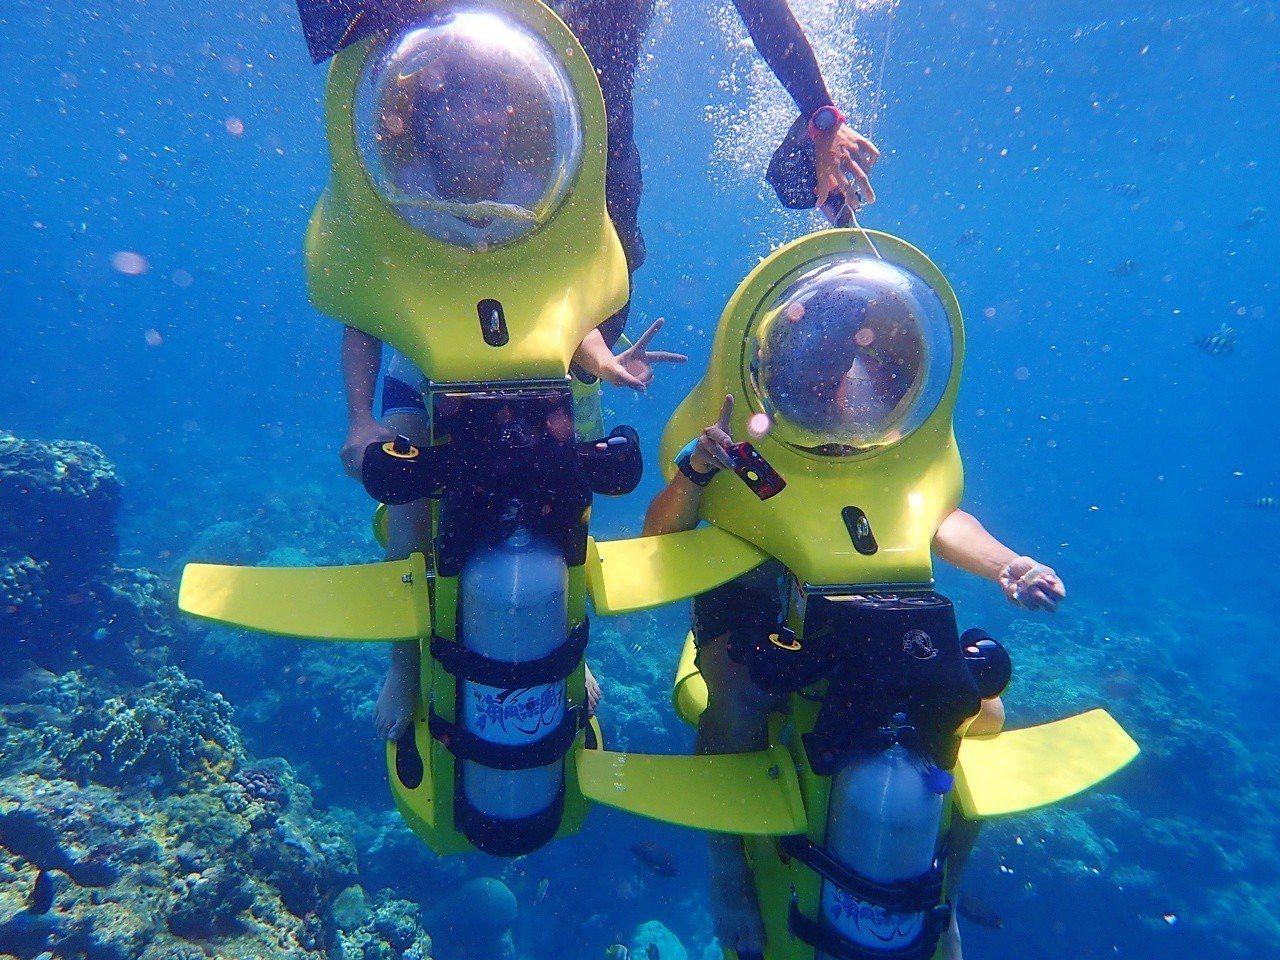 潛水滑板車讓旱鴨子也能輕鬆下水體驗海洋世界的美麗。圖/海角樂園水中活動中心提供